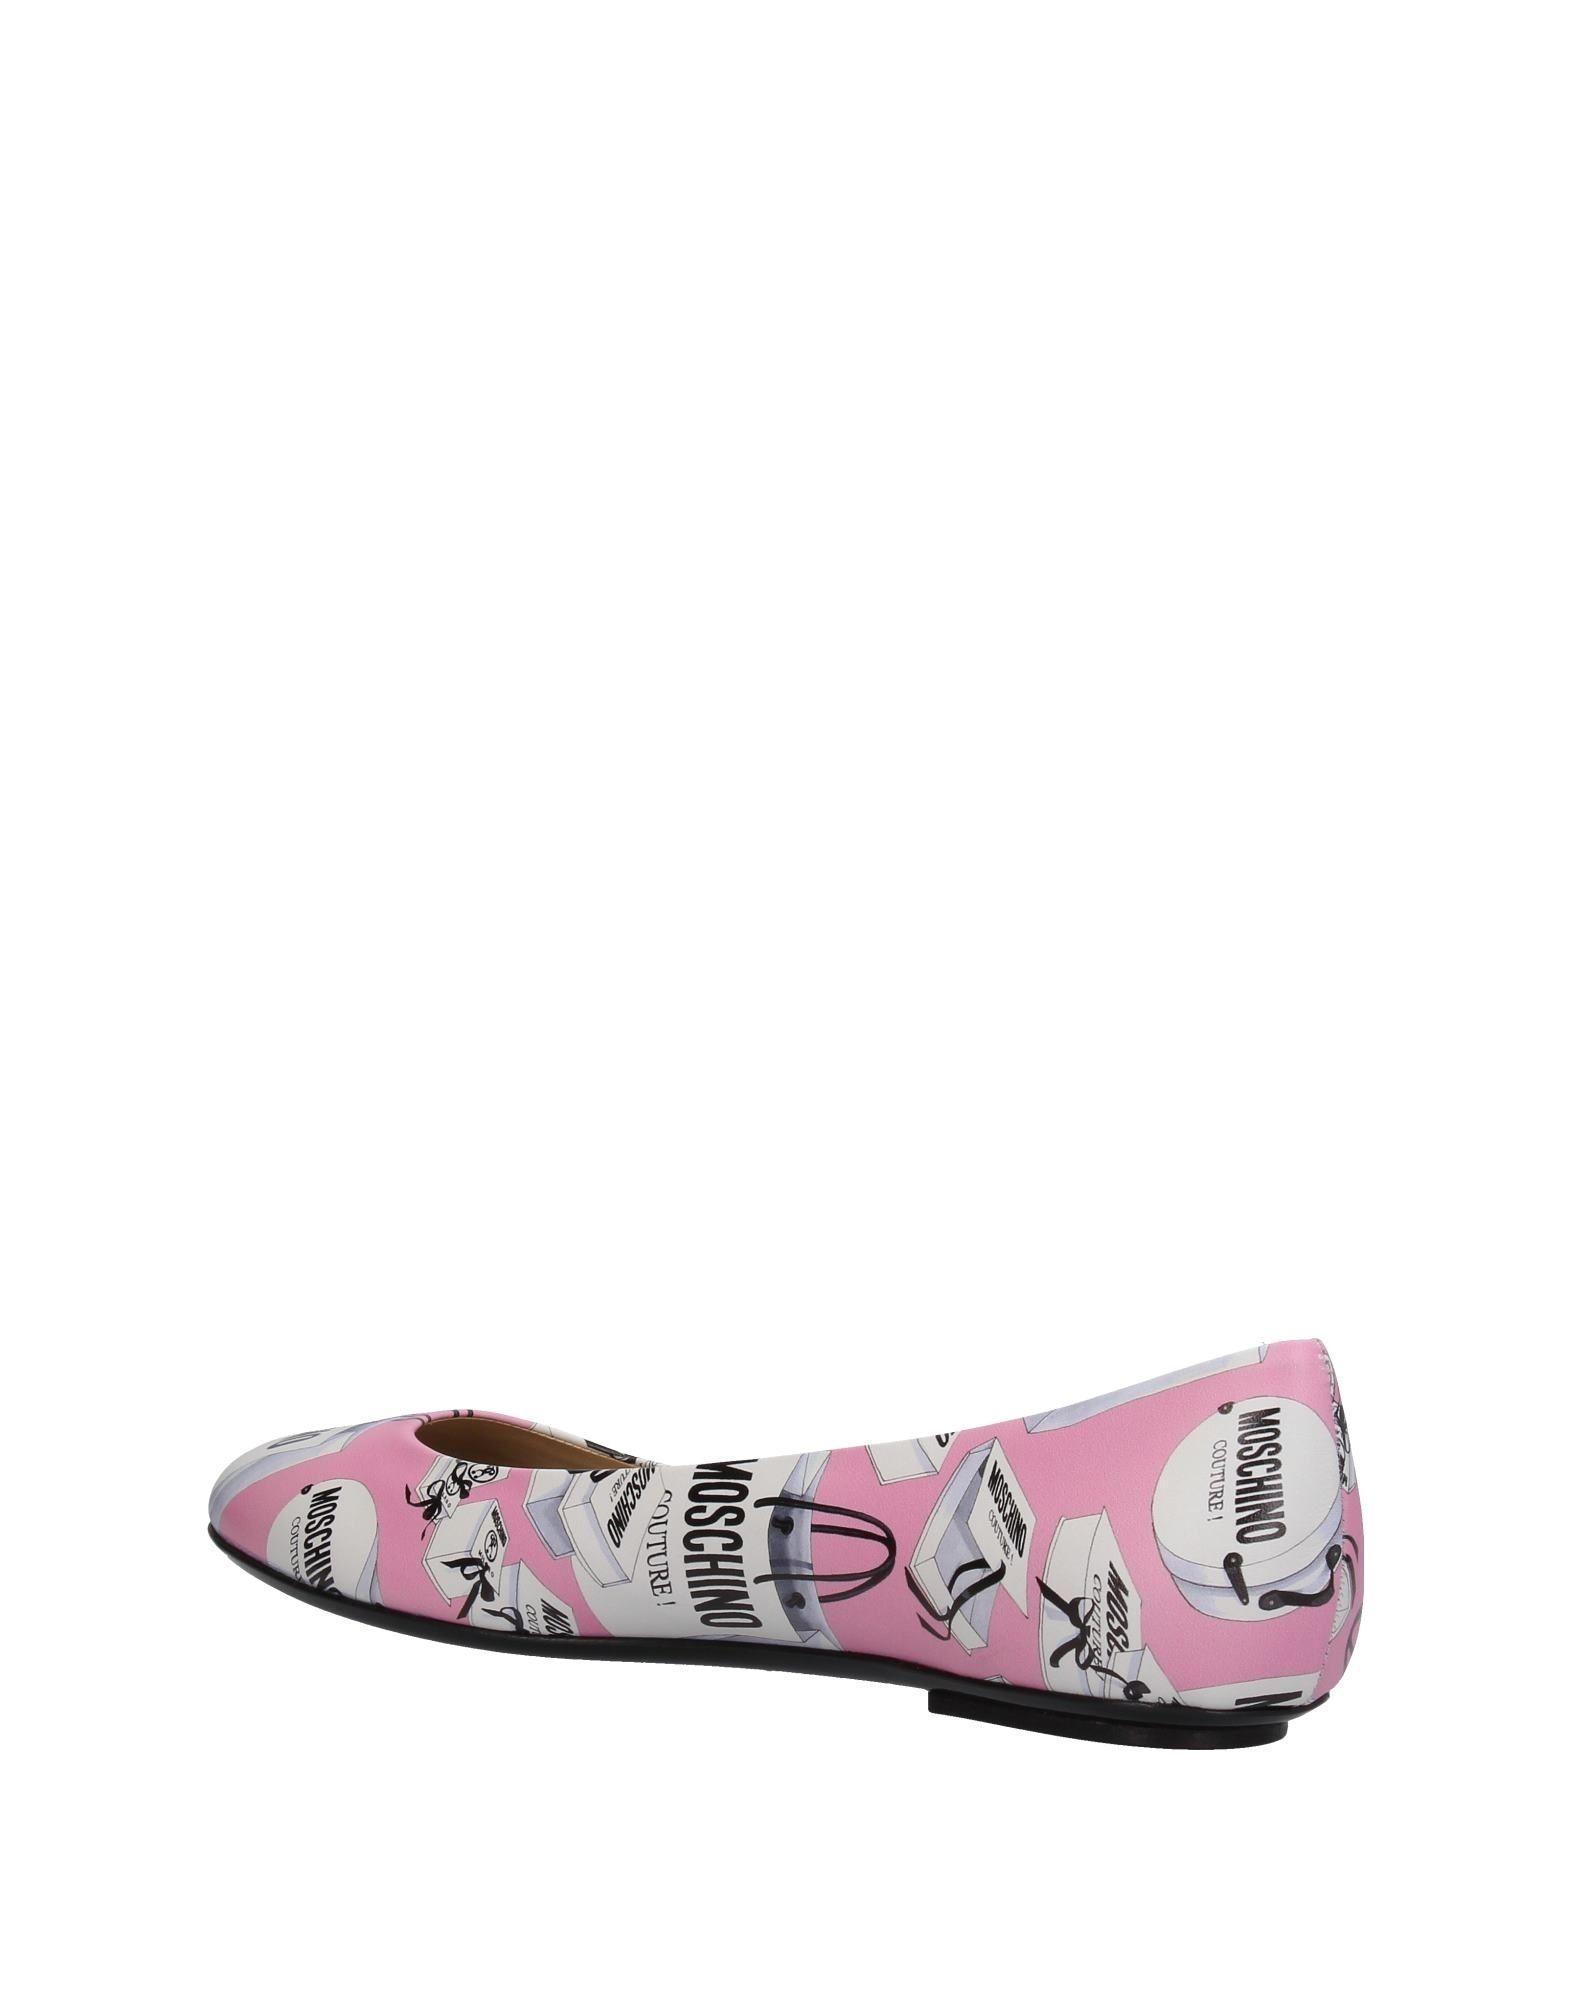 Rabatt Schuhe Moschino  Ballerinas Damen  Moschino 11381465JU fd08e2